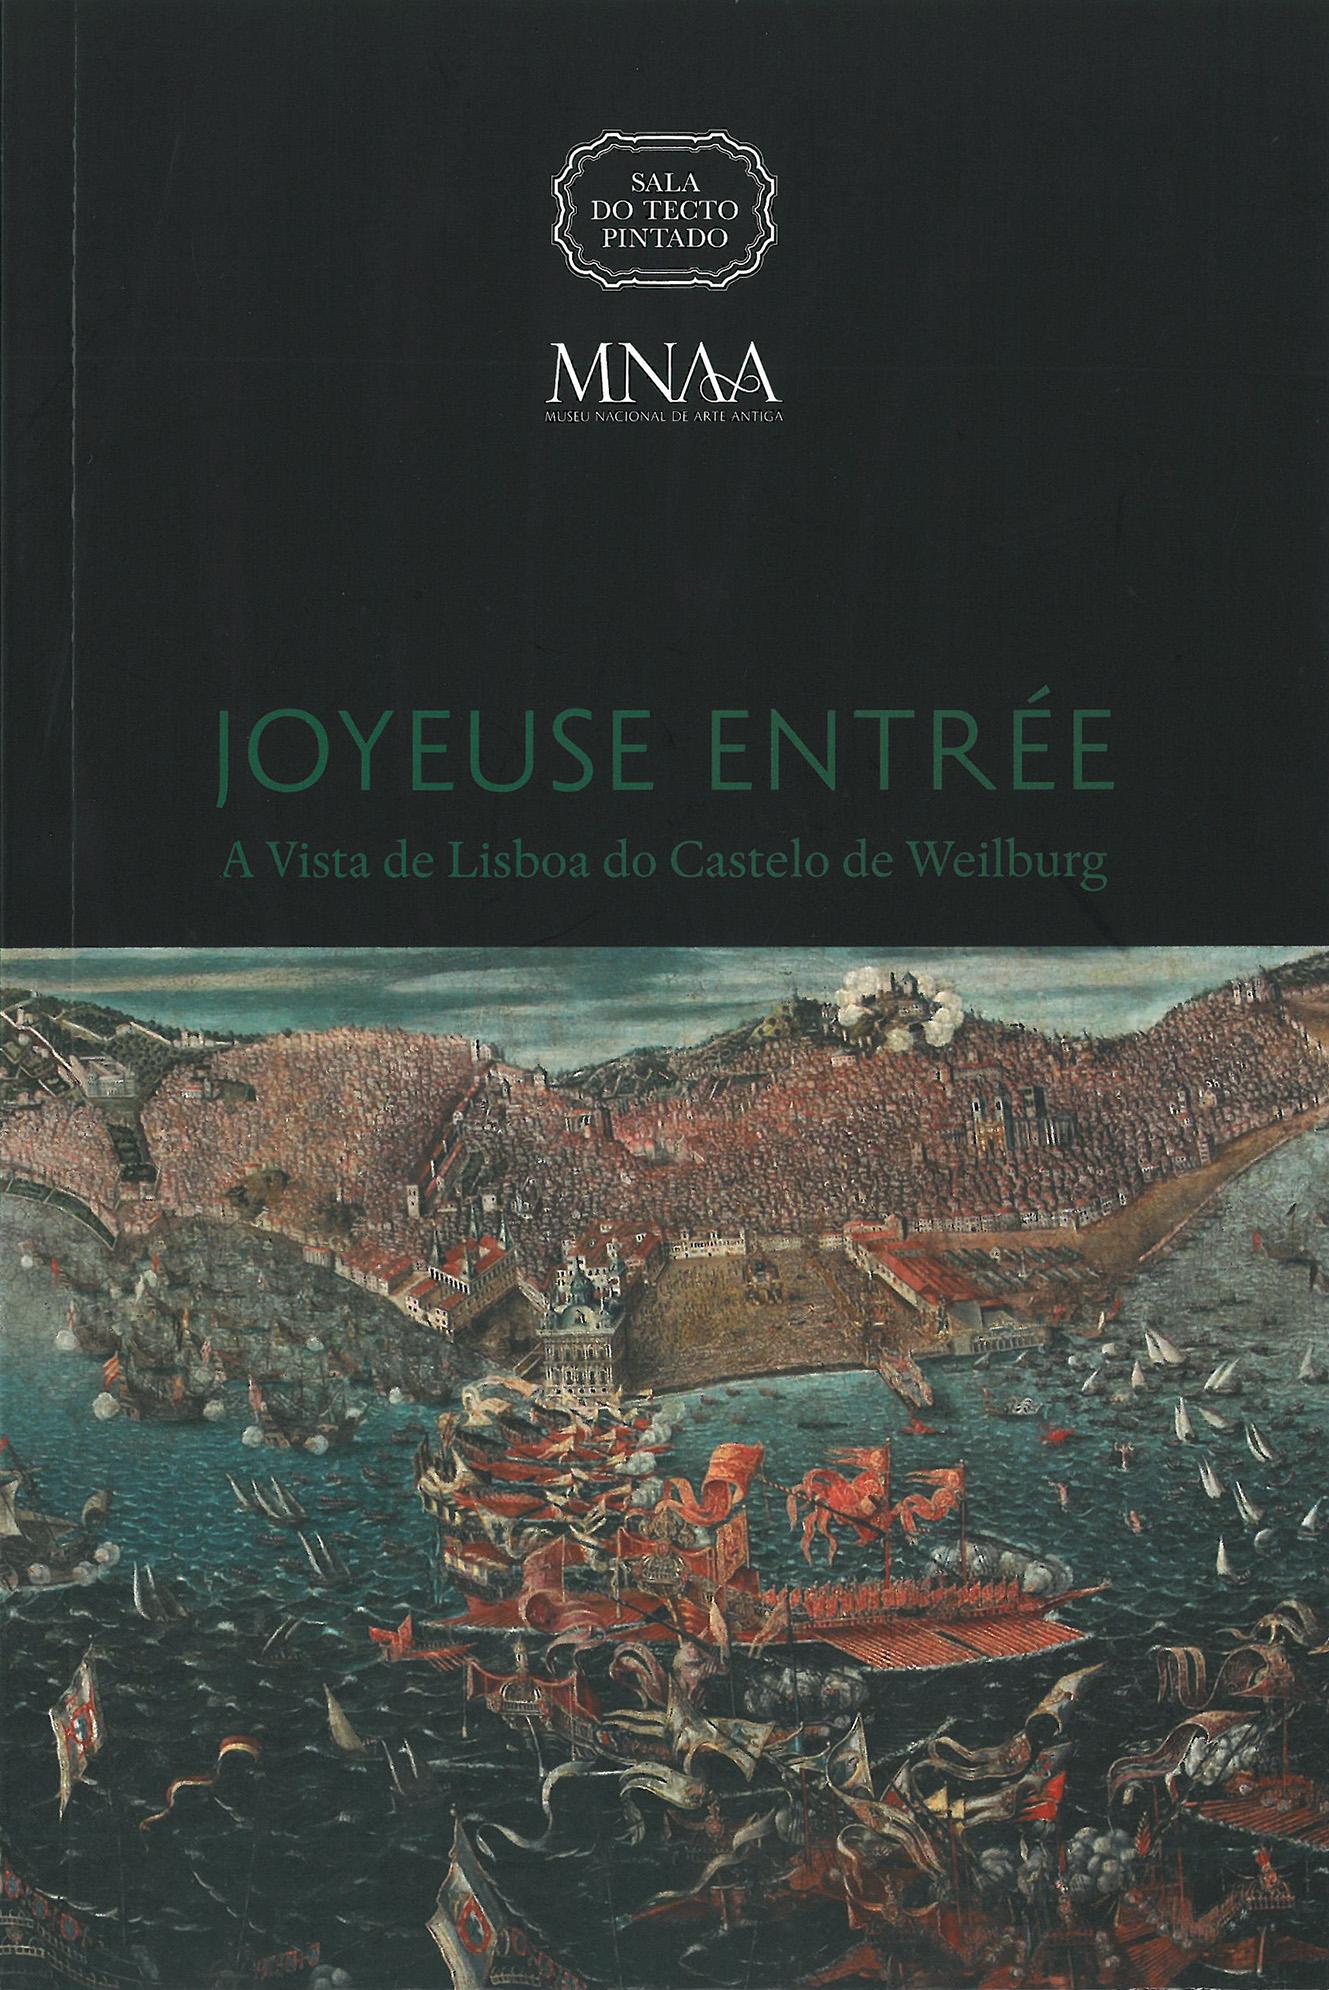 Catálogo Exposição Joyeuse Entrée A Vista de Lisboa do Castelo de Weilburg STP Sala do Tecto Pintado 2015